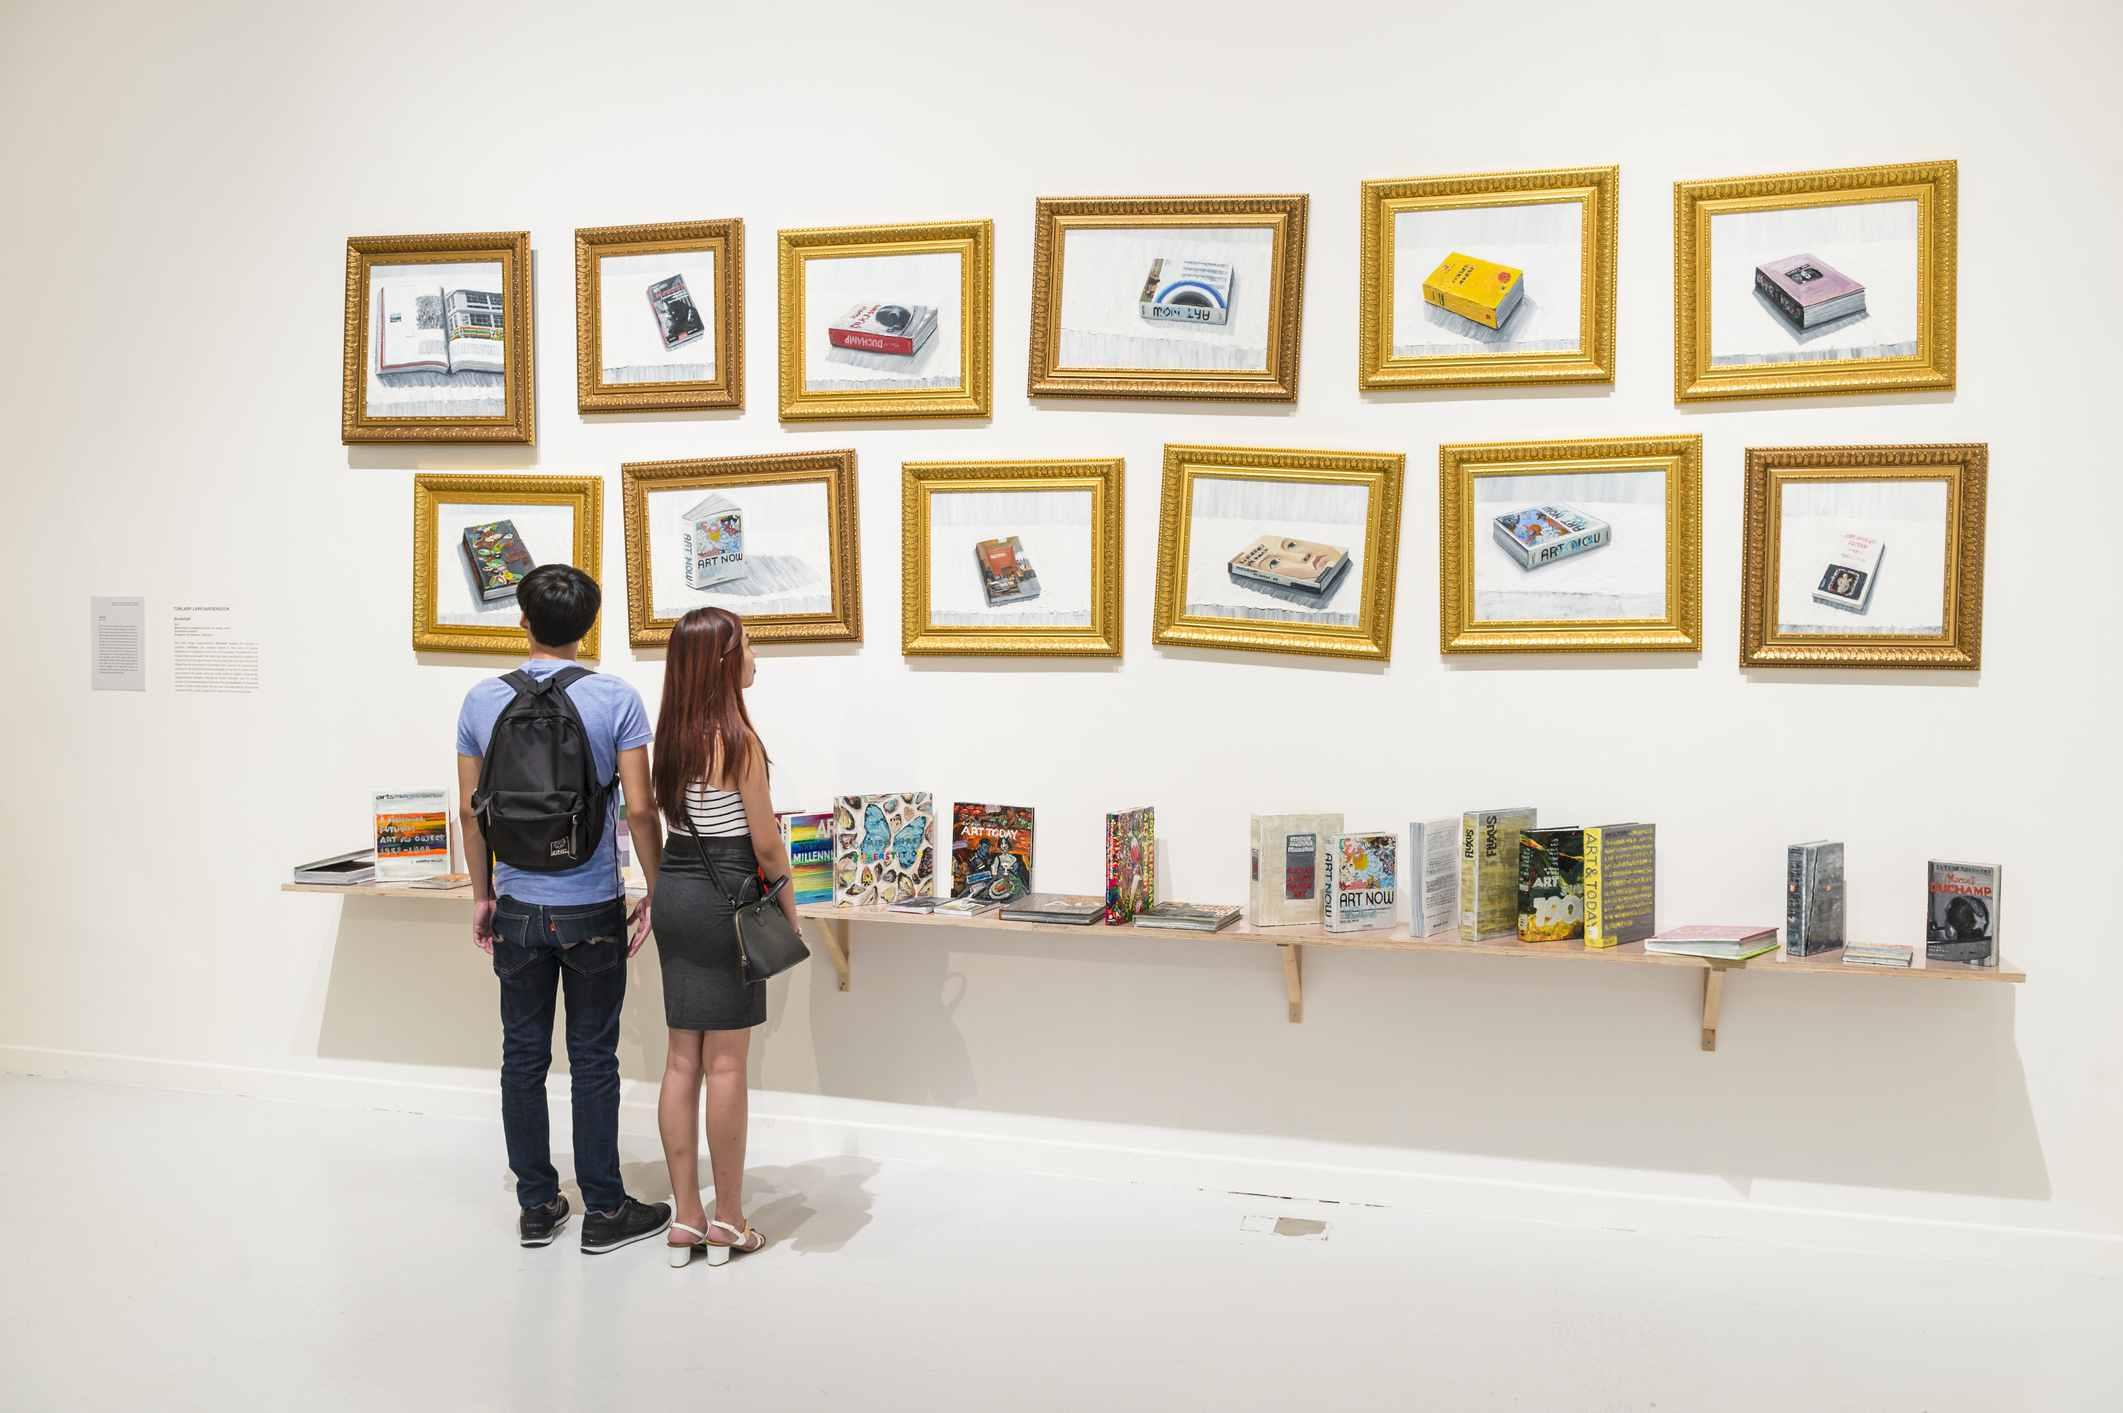 """Exhibit at Singapore Art Museum, """"Bookshelf"""" by Torlarp Laroensook"""